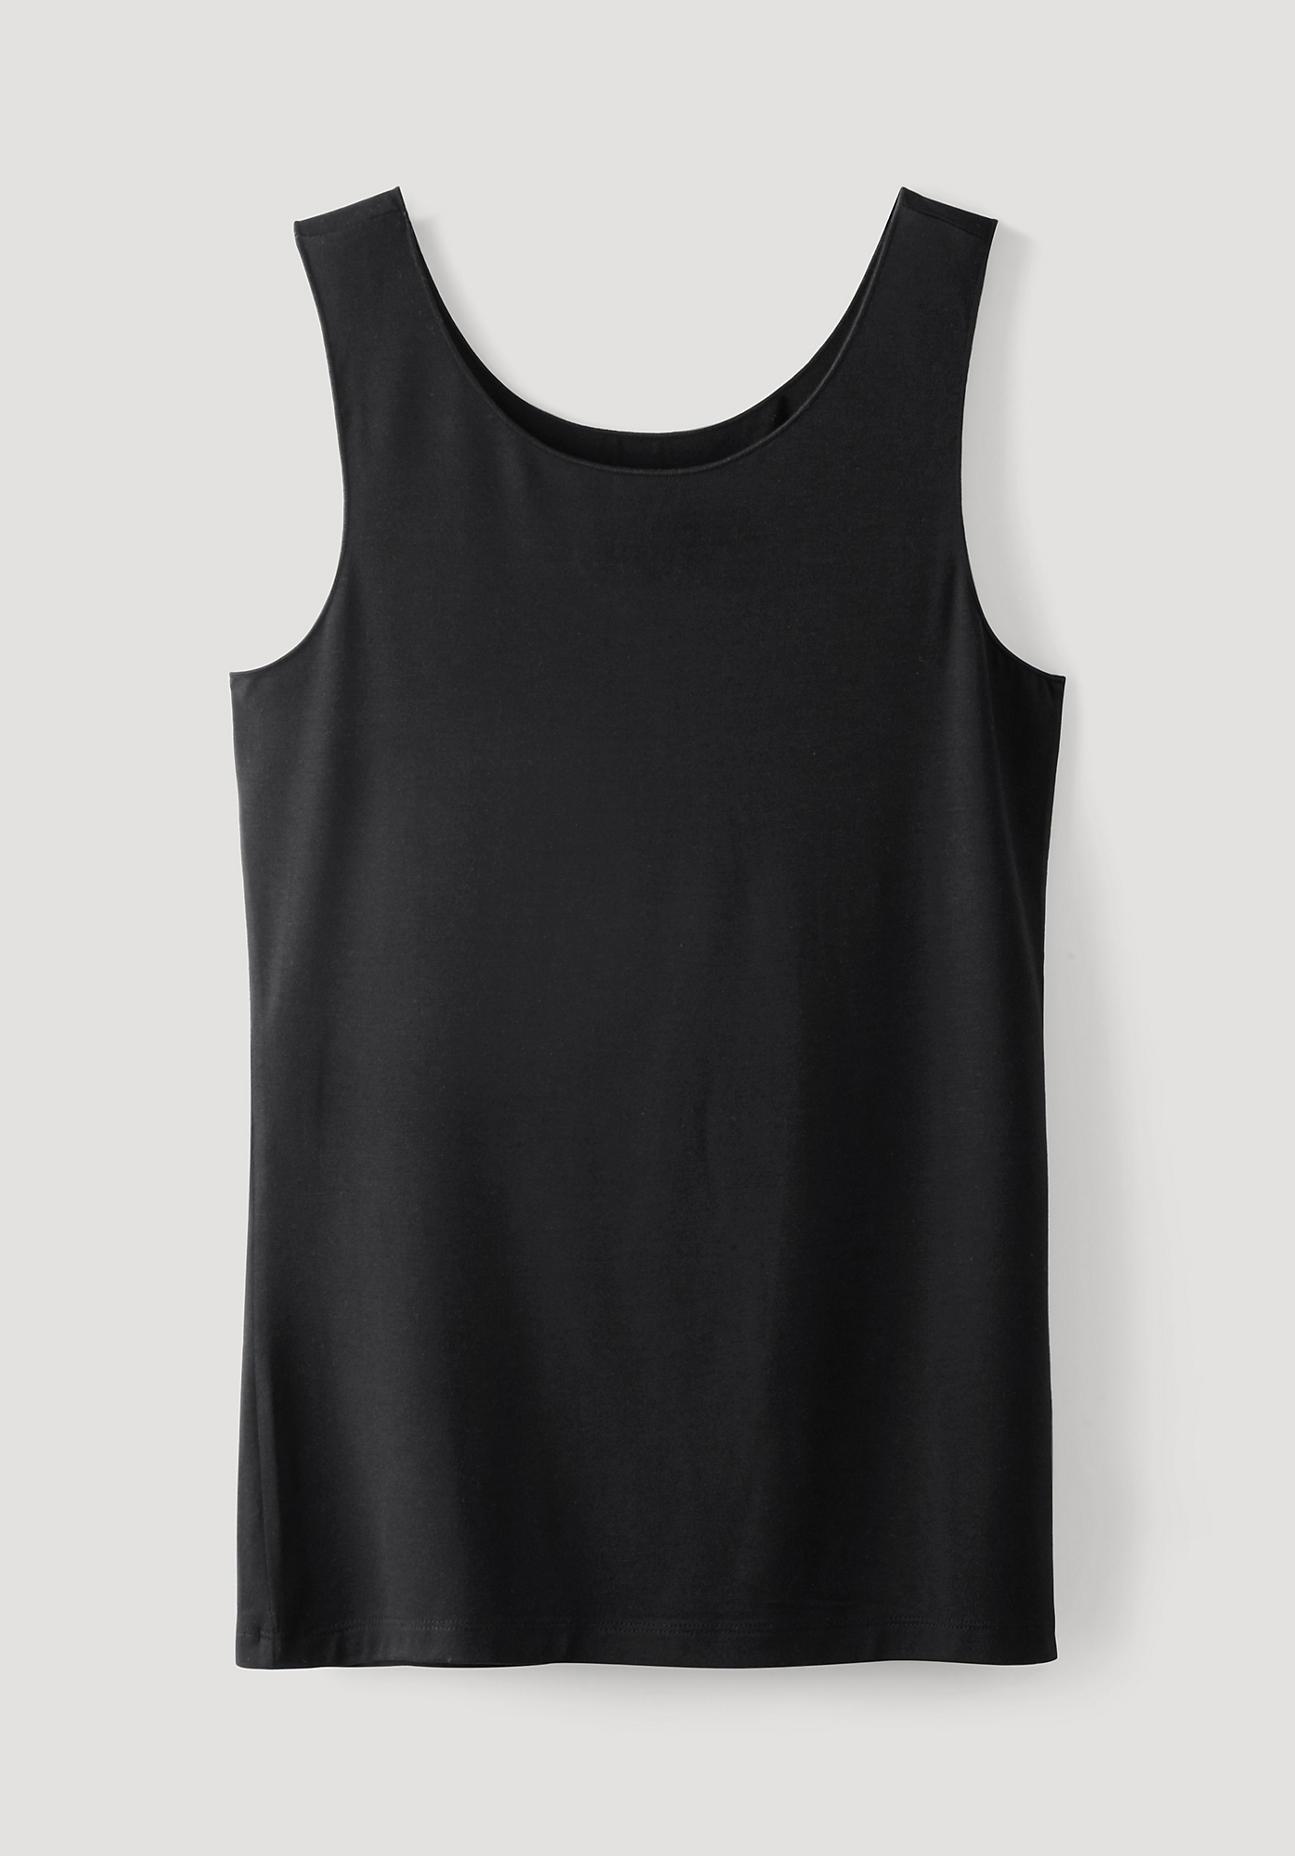 hessnatur Damen Jersey-Top aus TENCEL™Modal – schwarz – Größe 36